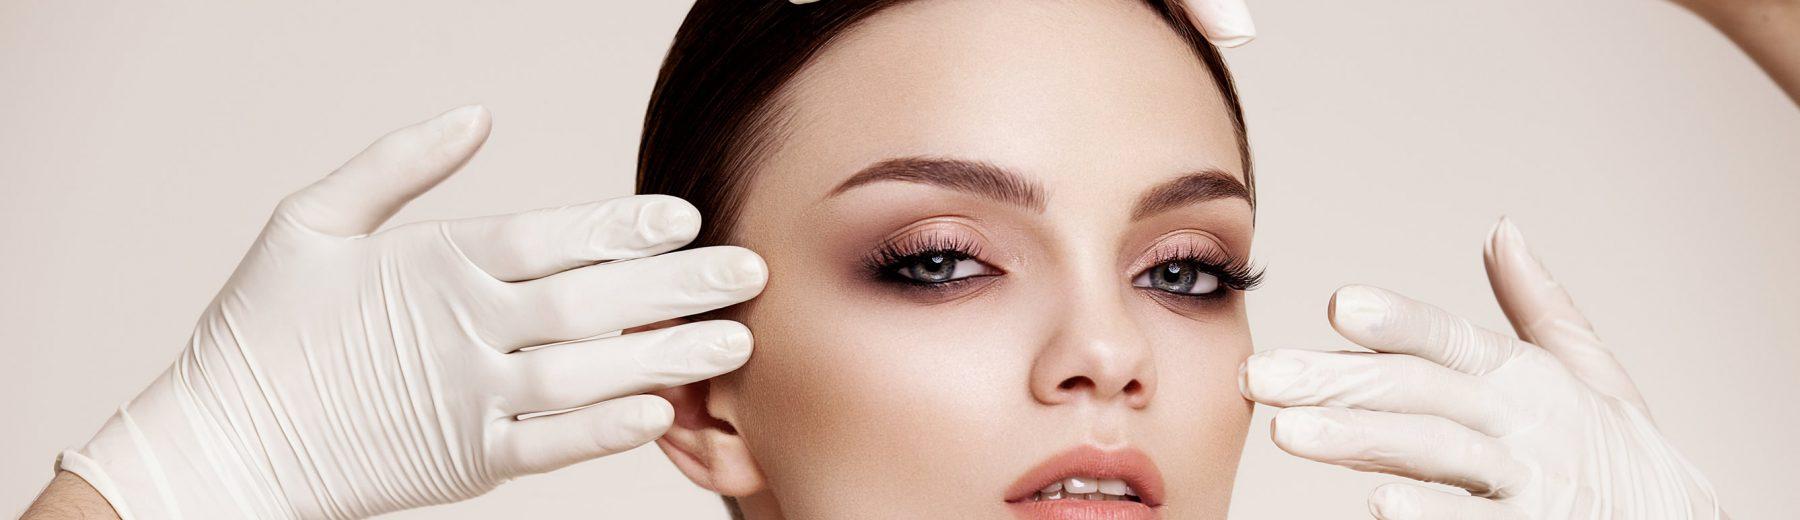 Orvos-kozmetikai kezelések